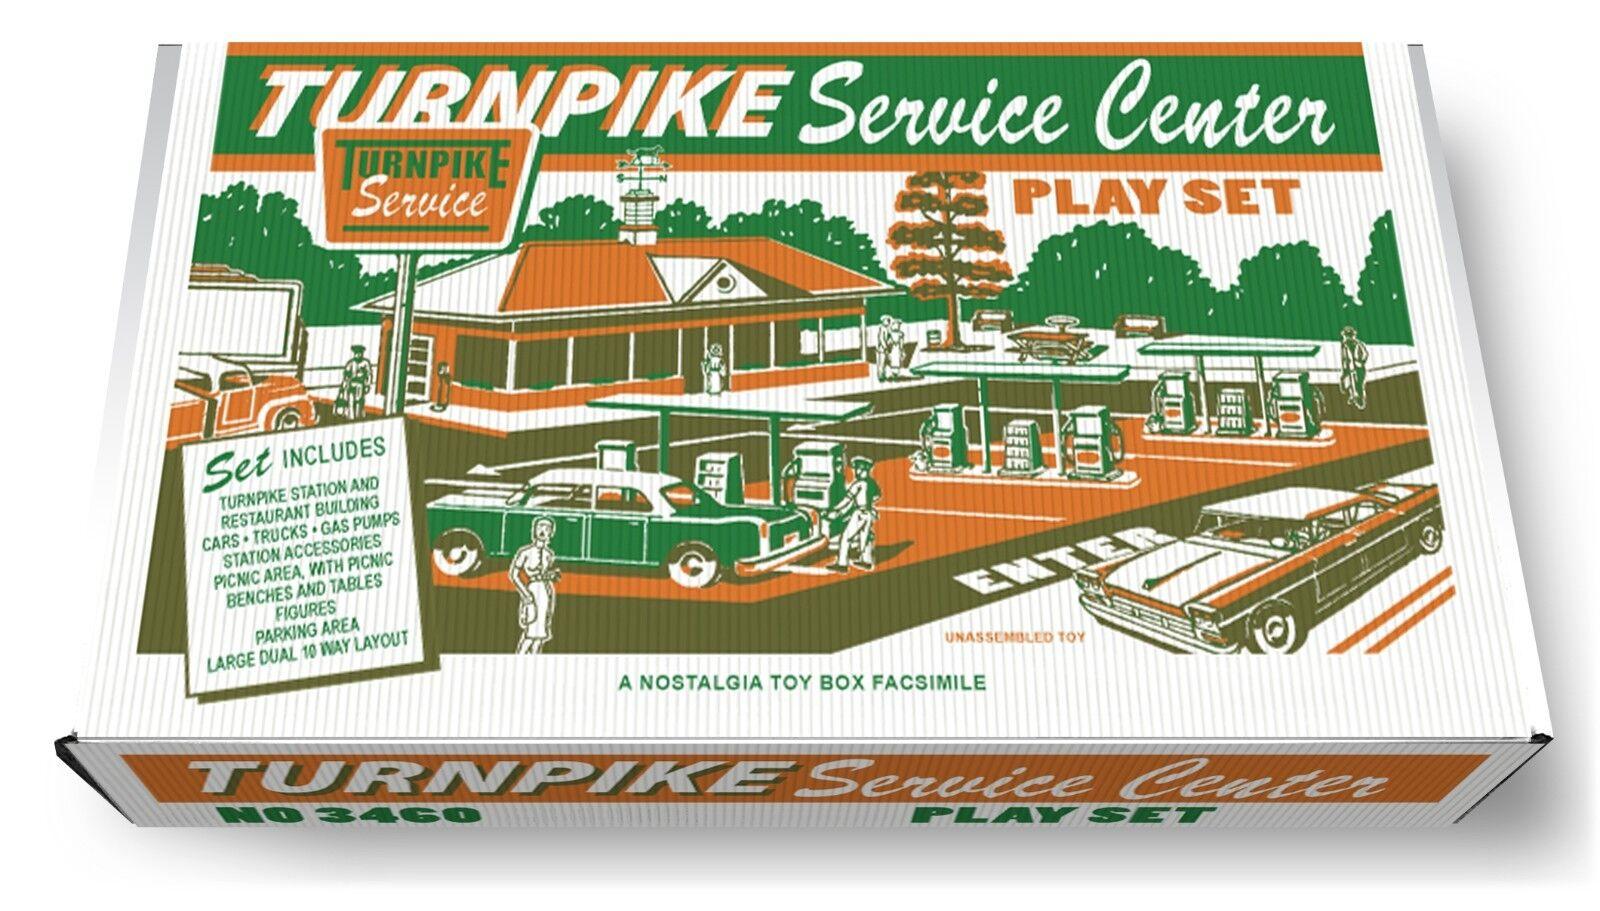 Marx schlagbaum service center spielen set - box